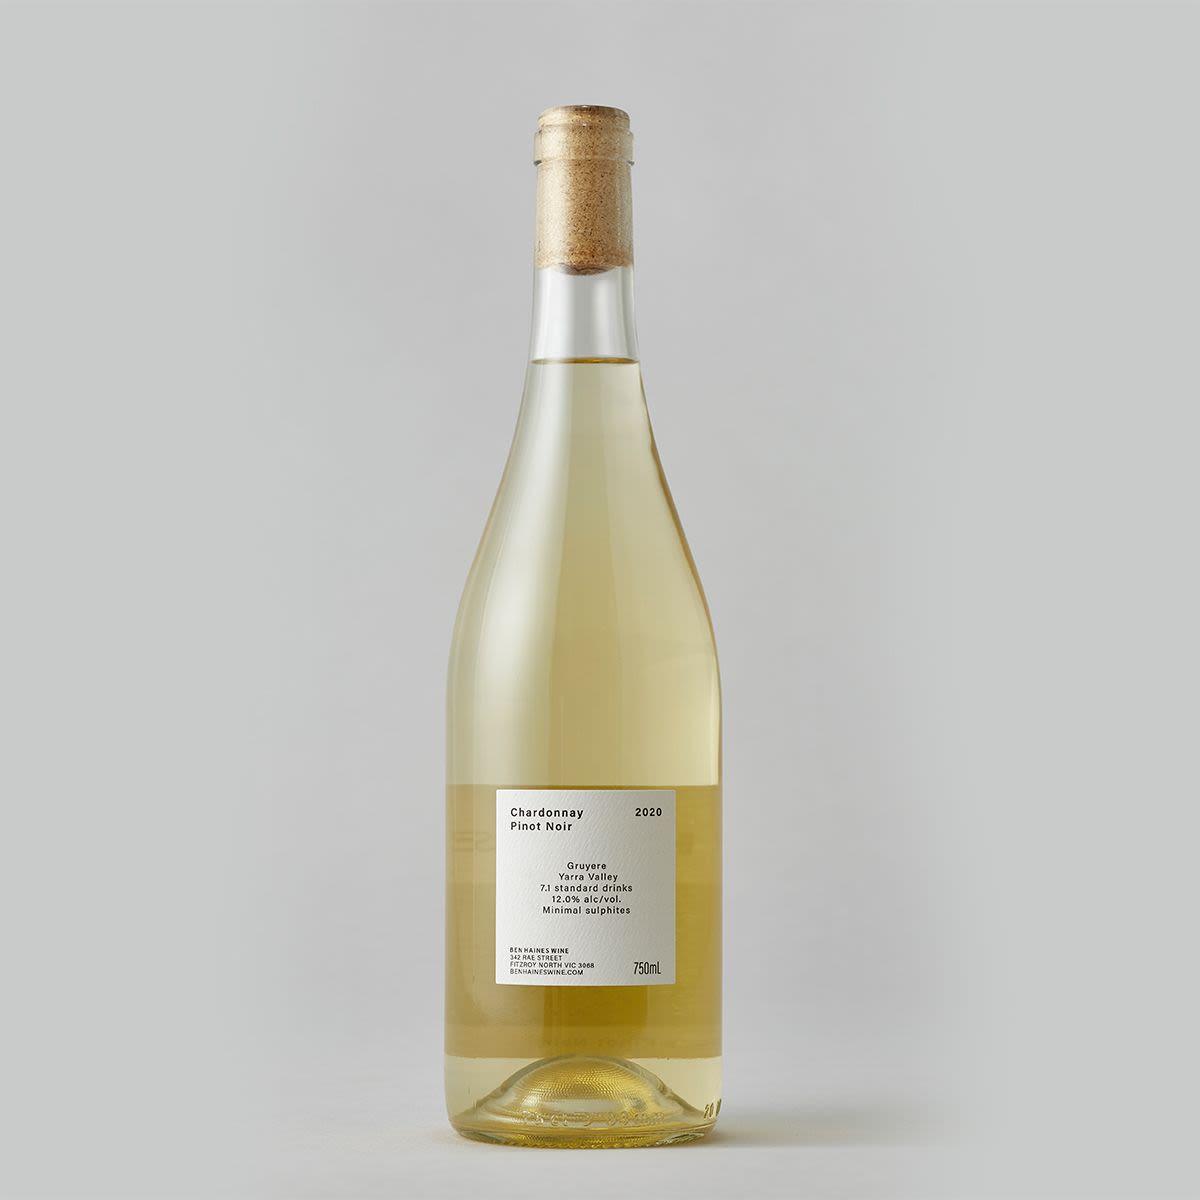 Ben Haines 2020 Chardonnay